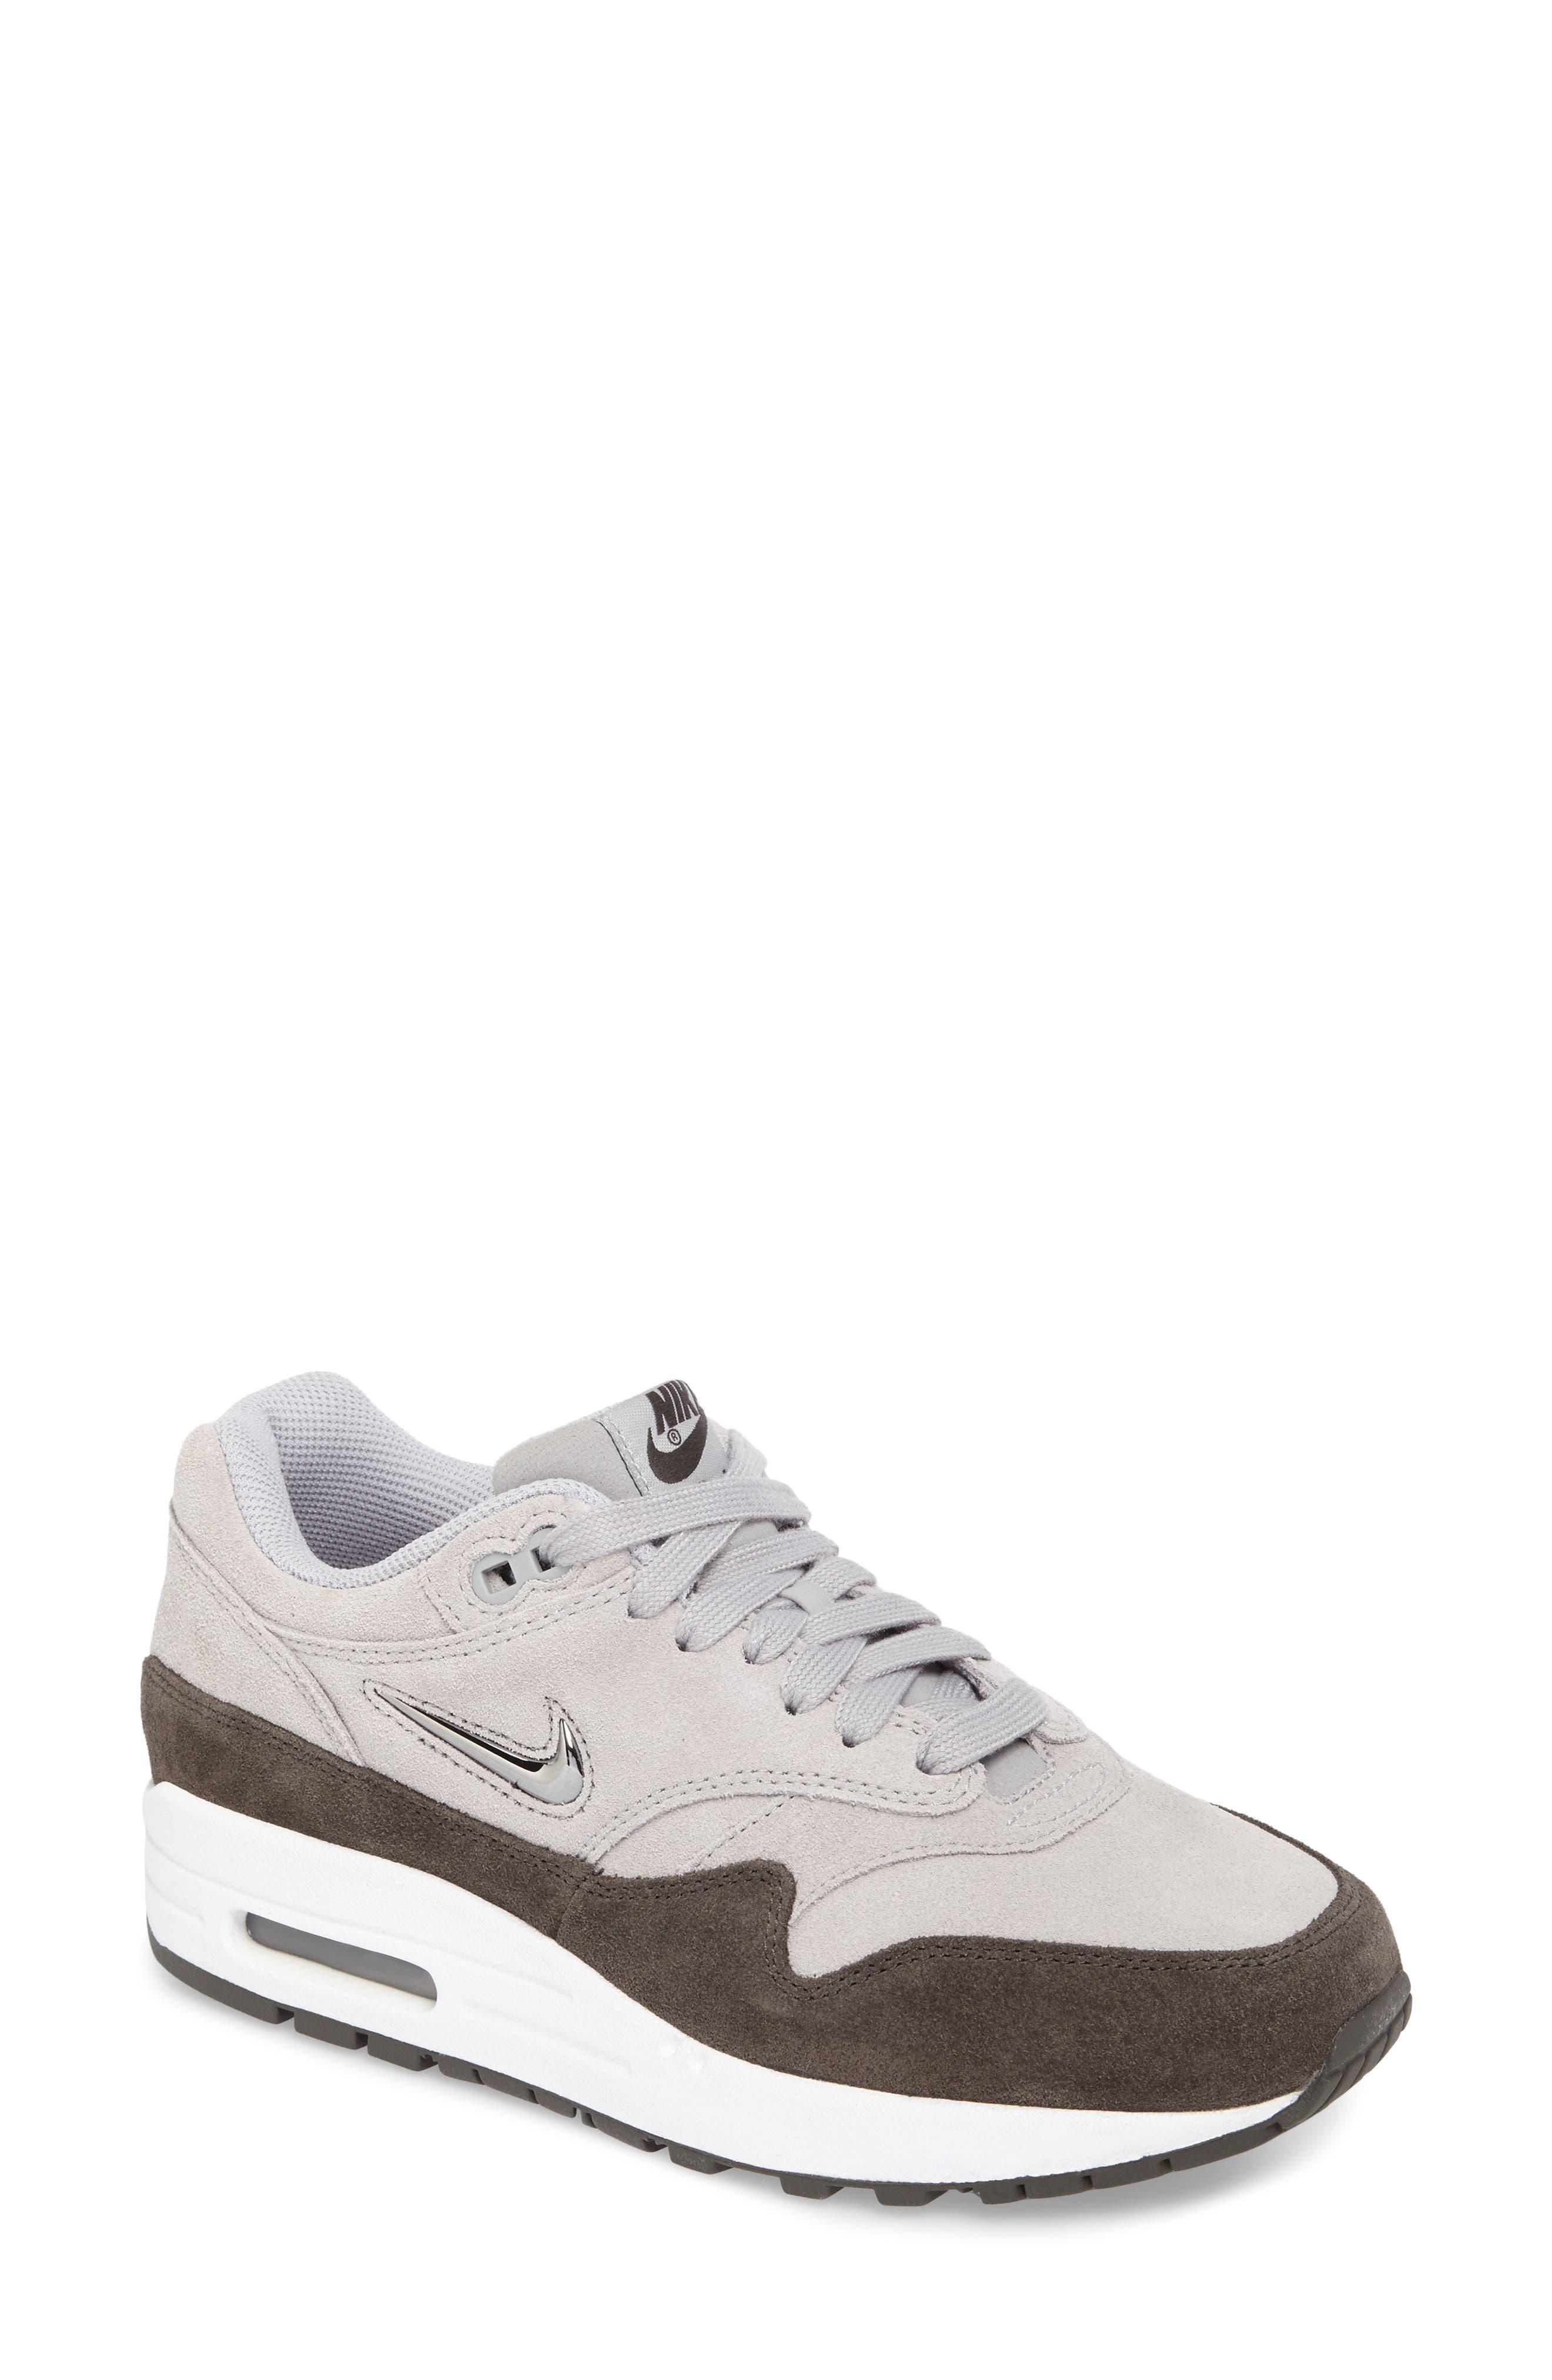 Air Max 1 Premium SC Sneaker,                             Main thumbnail 1, color,                             020